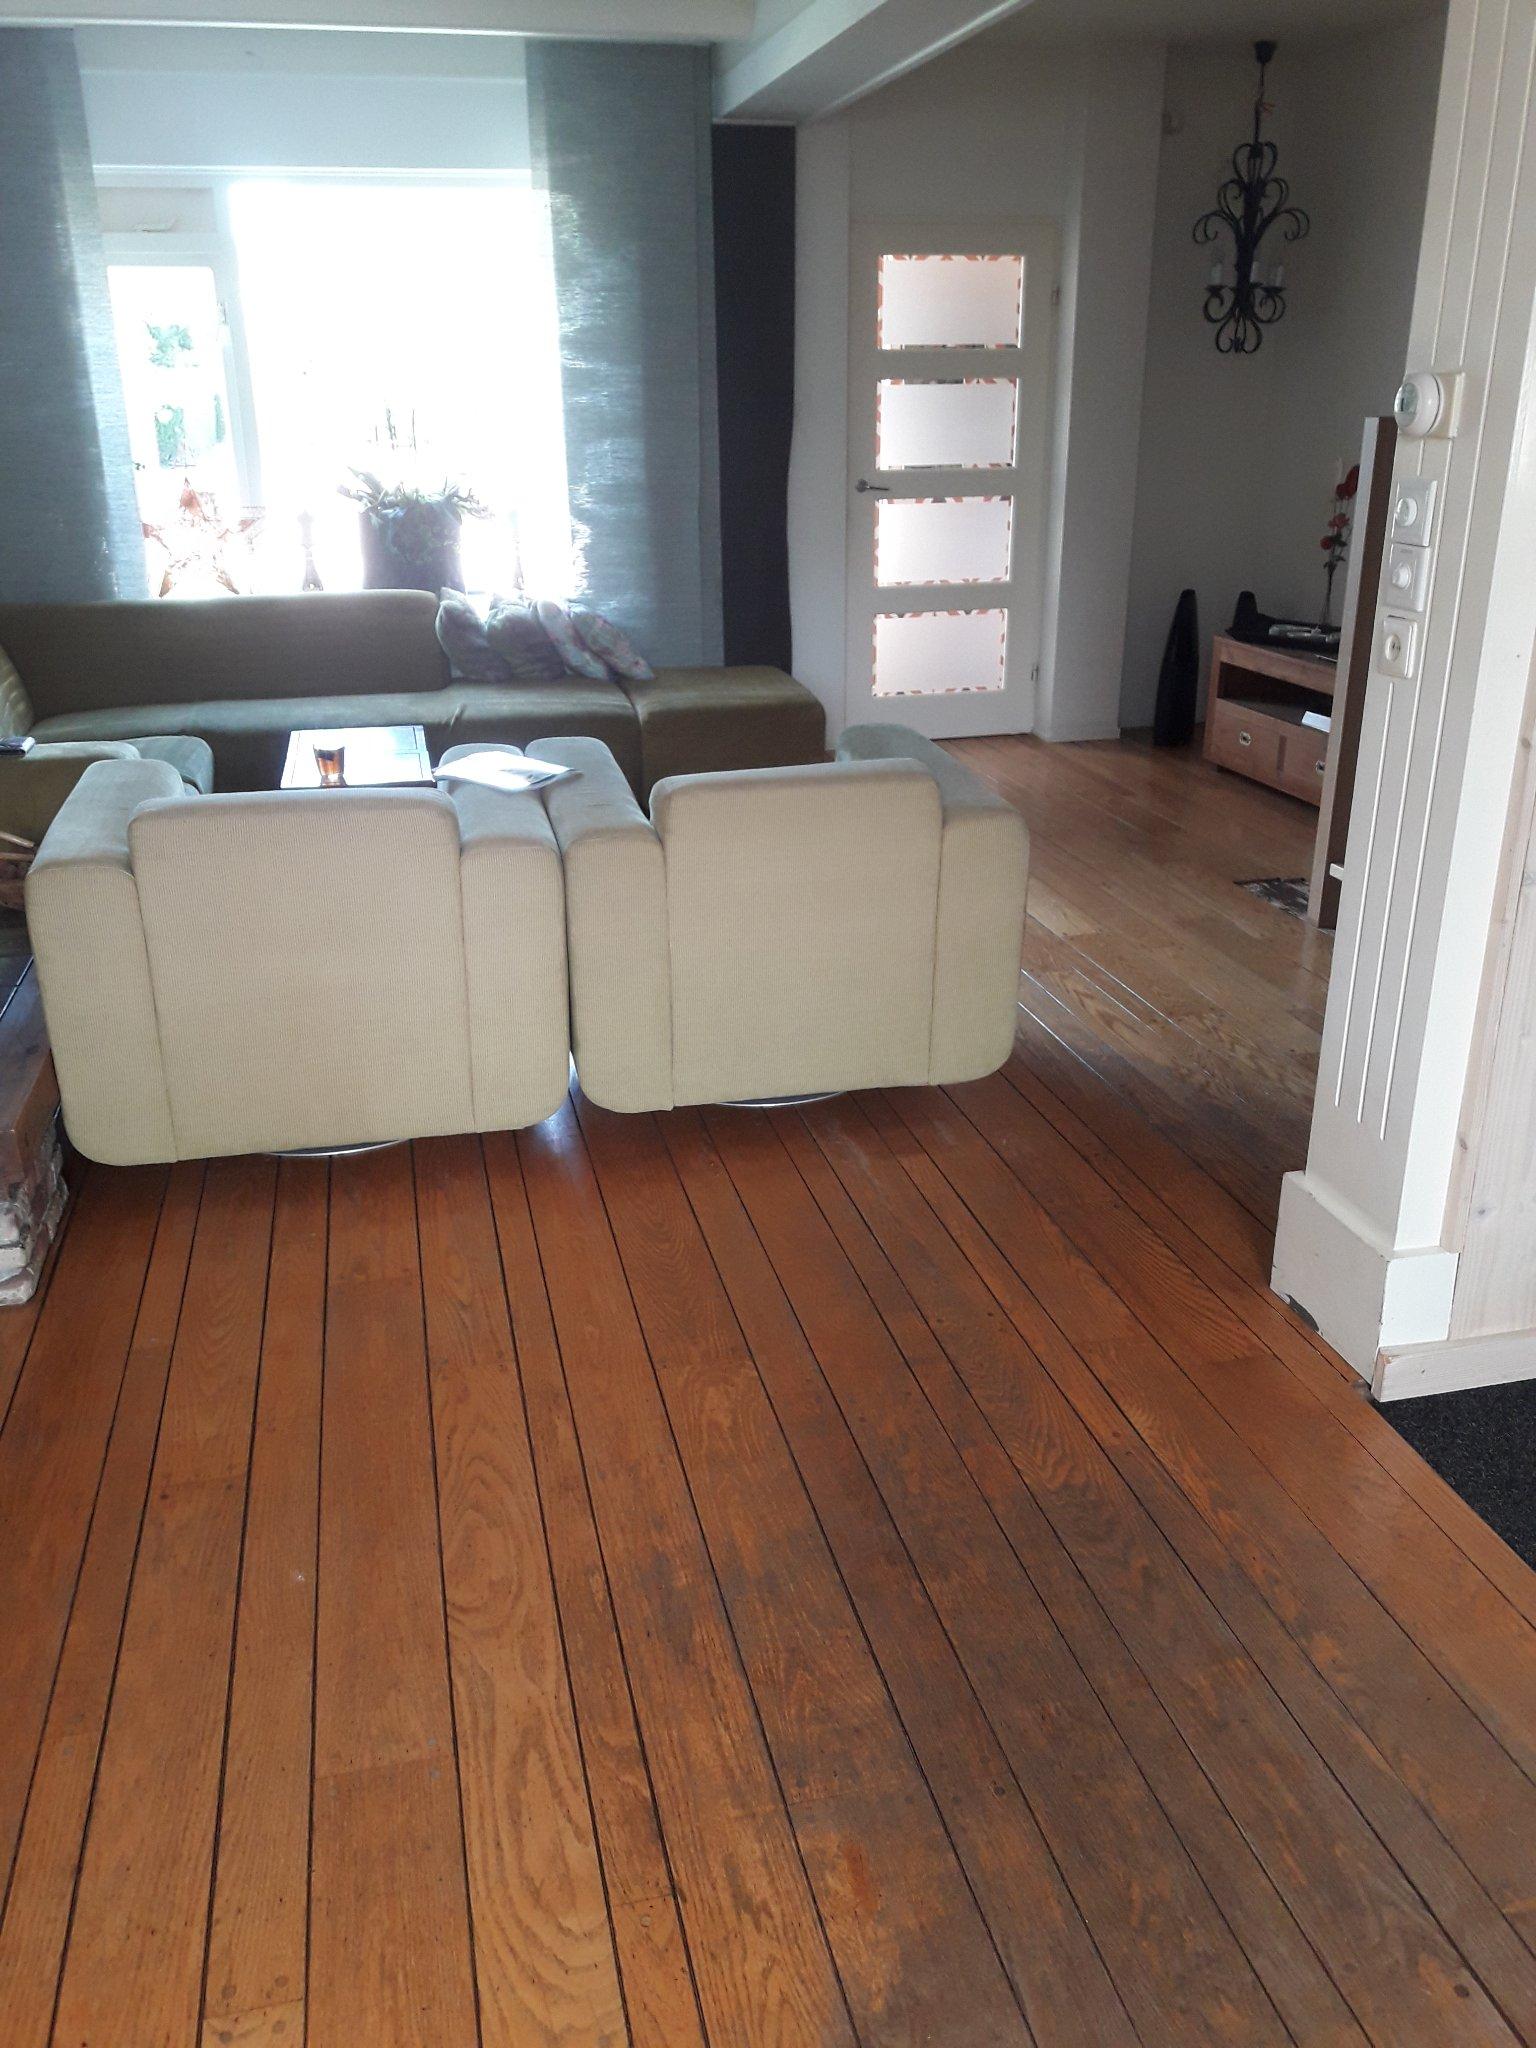 Voorkeur Oude houten vloer verwijderen, egaliseren en 60m2 pvc vloer leggen PI91